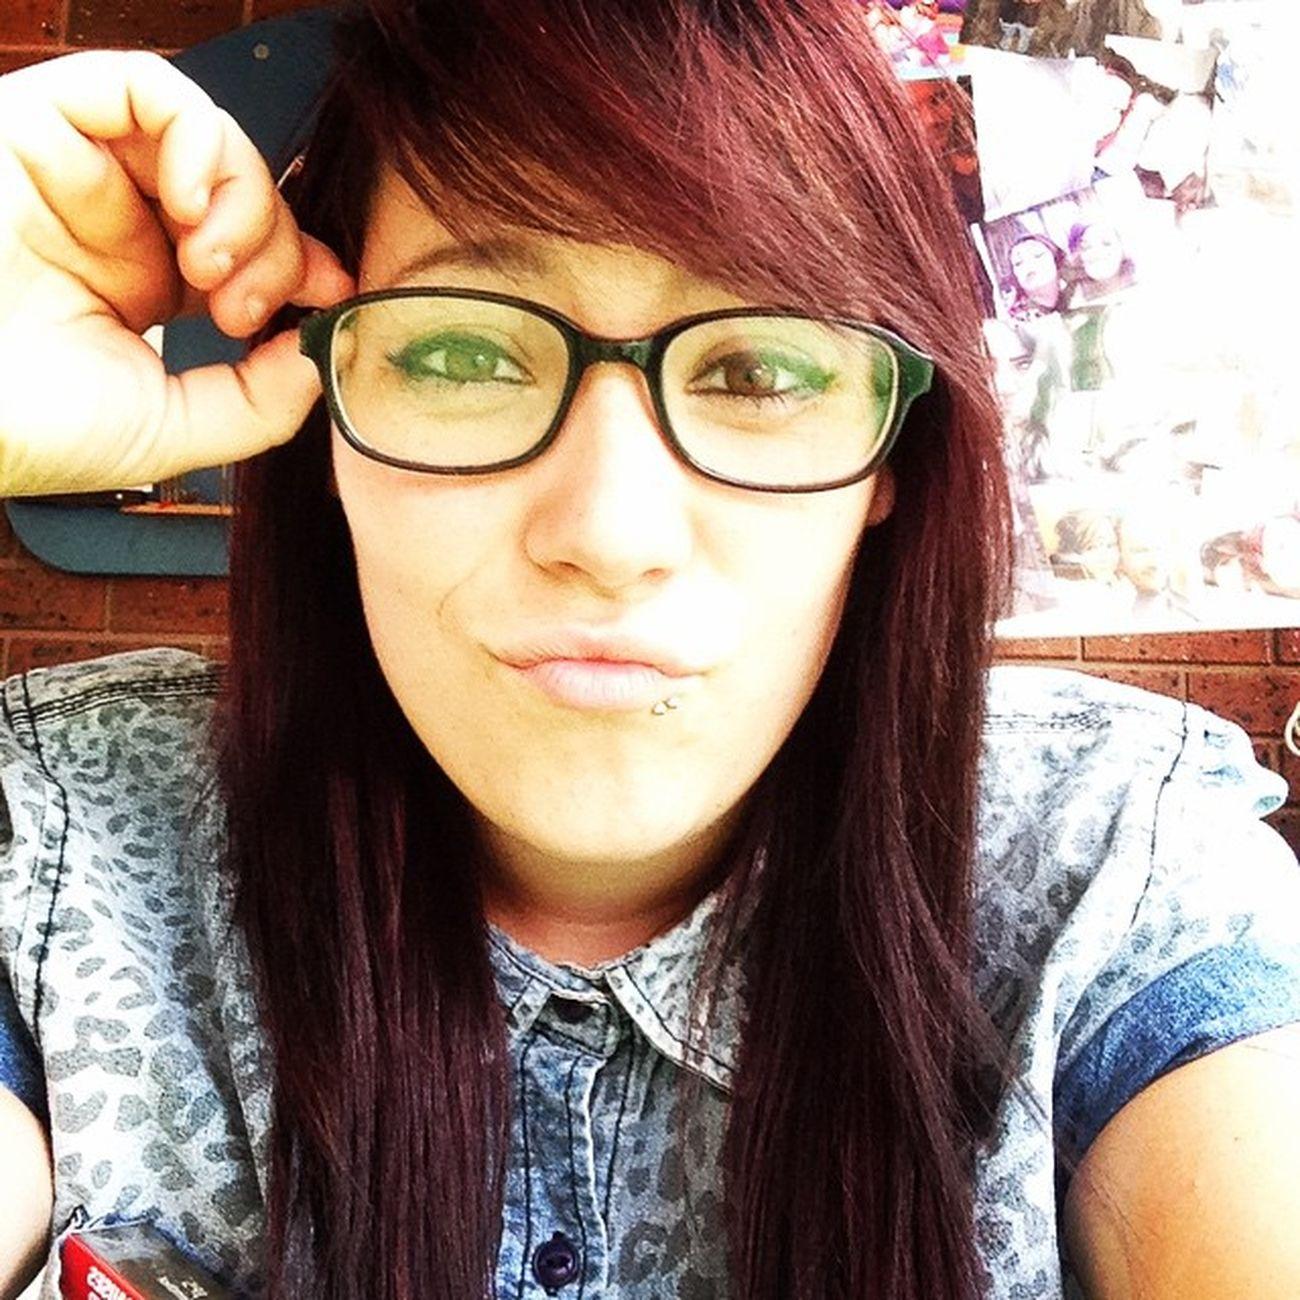 Glasses Glasses Selfie Ohyeah Lesbianofinstagram Lesbian Instagay Woo Foureyes Glassesgetthegirls Haha